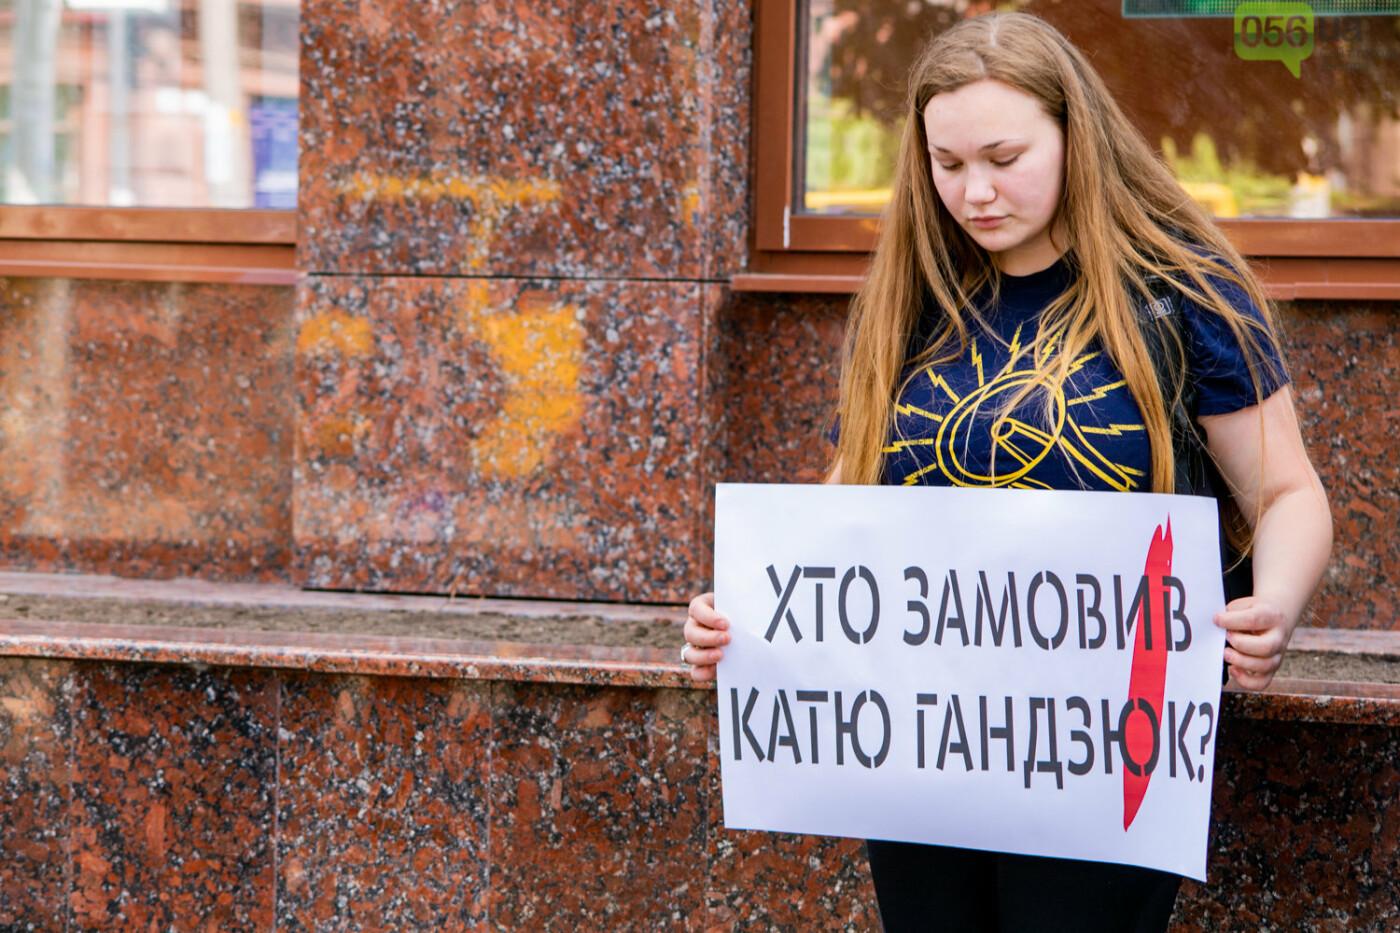 Фаера, плакаты и активисты: в центре Днепра прошла акция «Хто замовив Катю Гандзюк?», - ФОТОРЕПОРТАЖ, фото-11